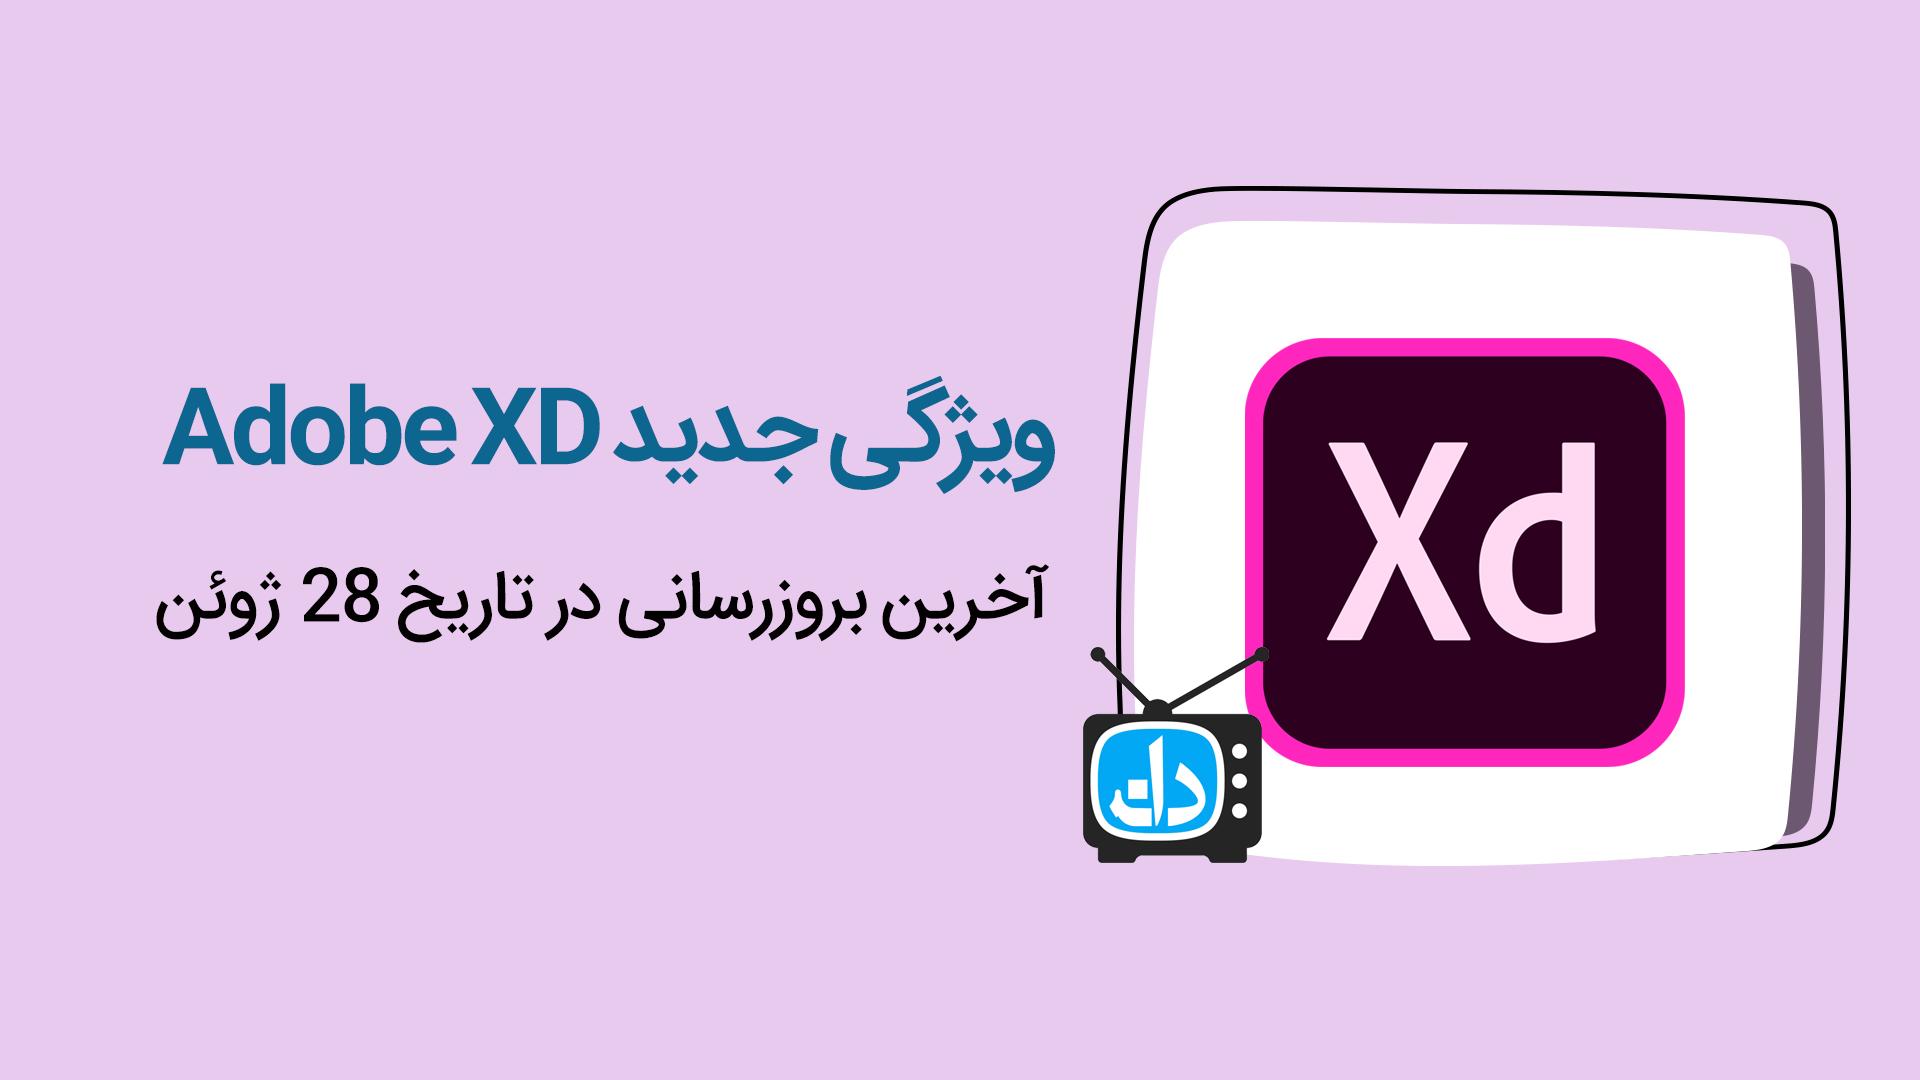 ویژگی جدید Adobe XD – (تاریخ 28 ژوئن)